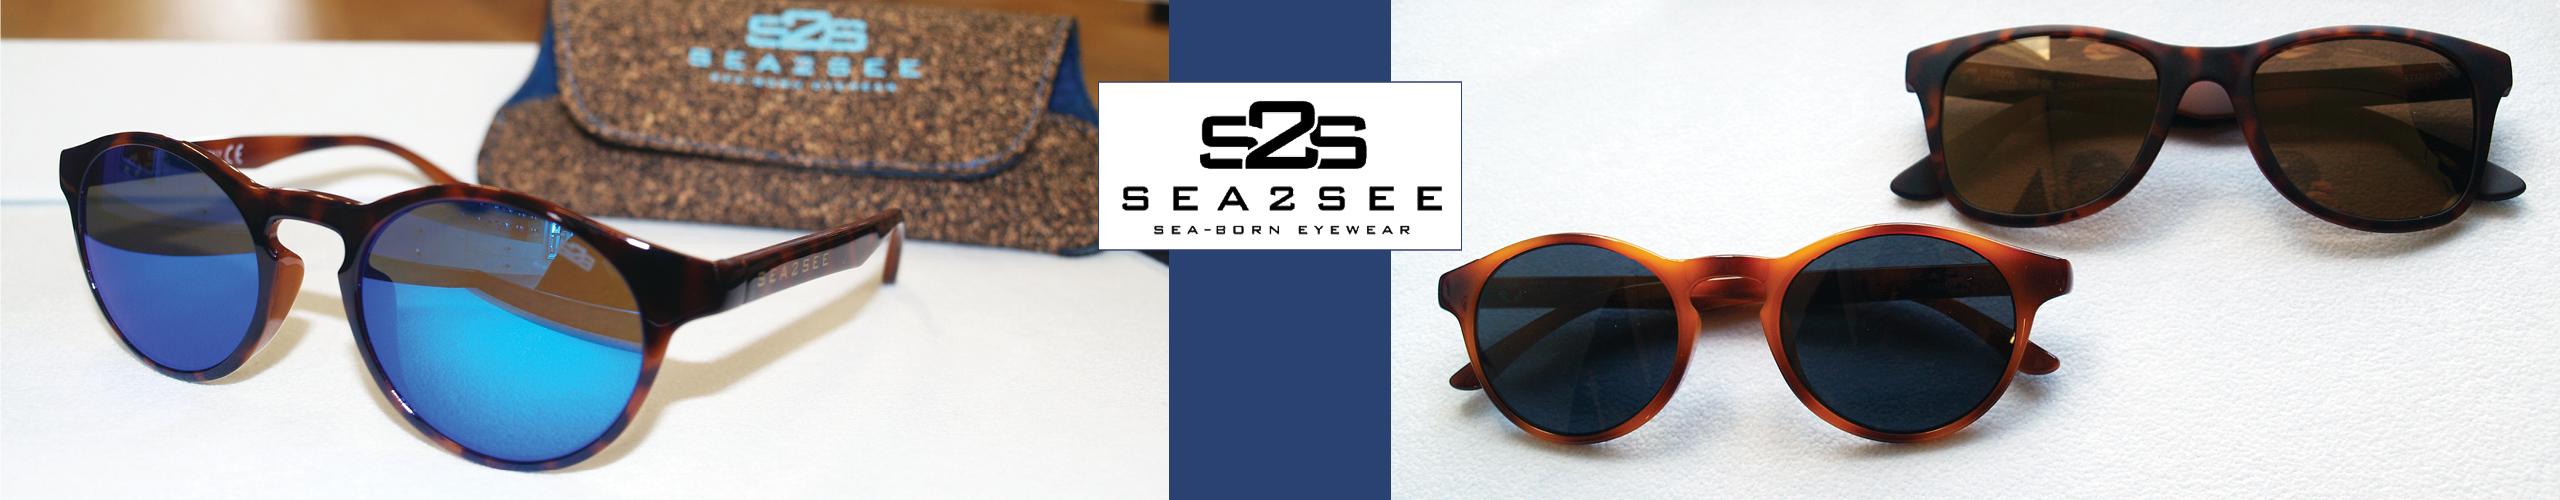 zonnebrillen van sea 2 see verkrijgbaar bij optique labruyere